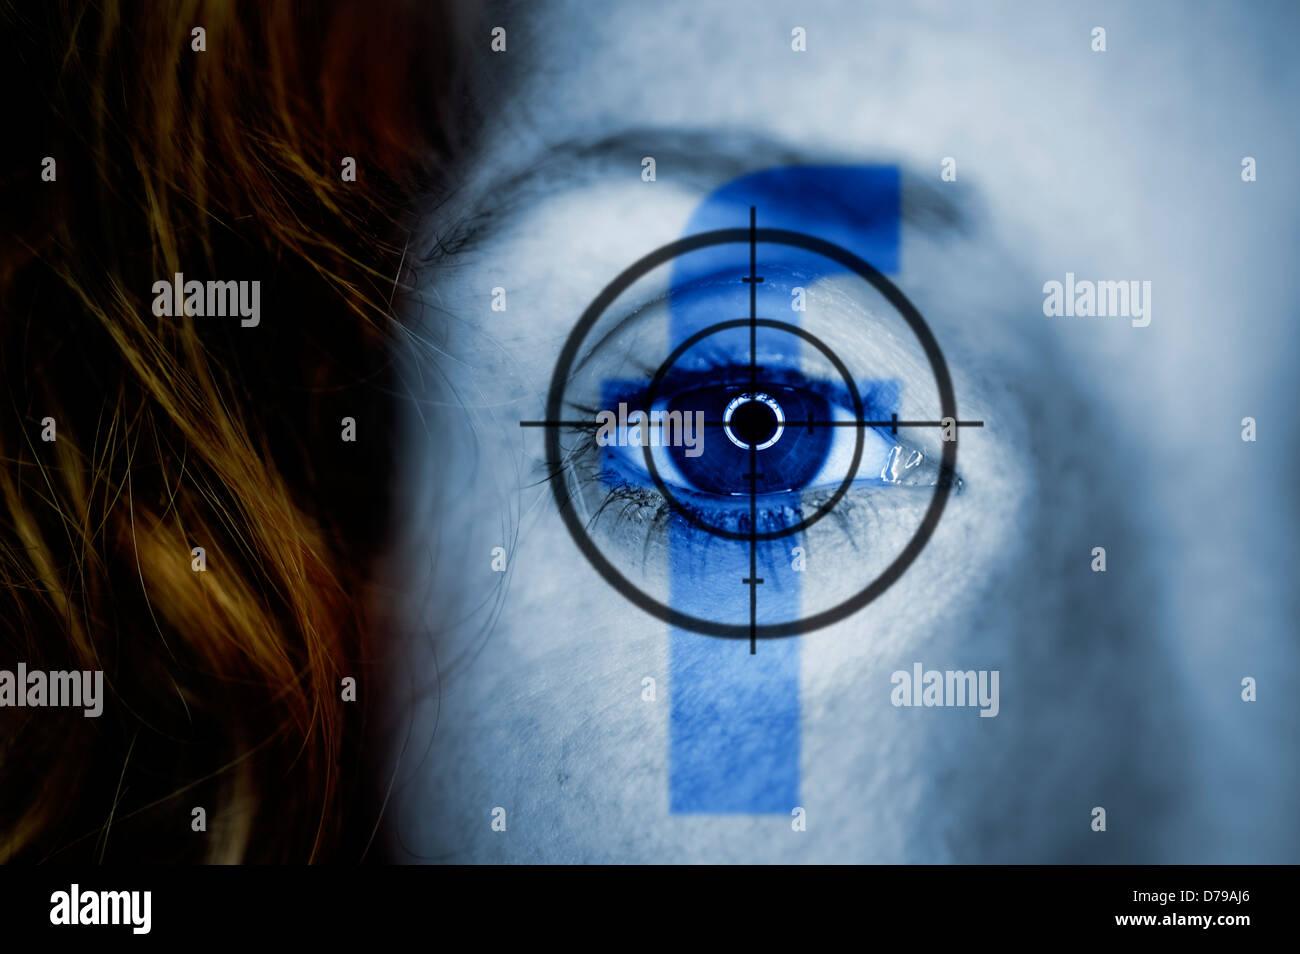 Women's eye avec réticule et logo de Facebook, la protection de données avec Facebook , Frauenauge Photo Stock